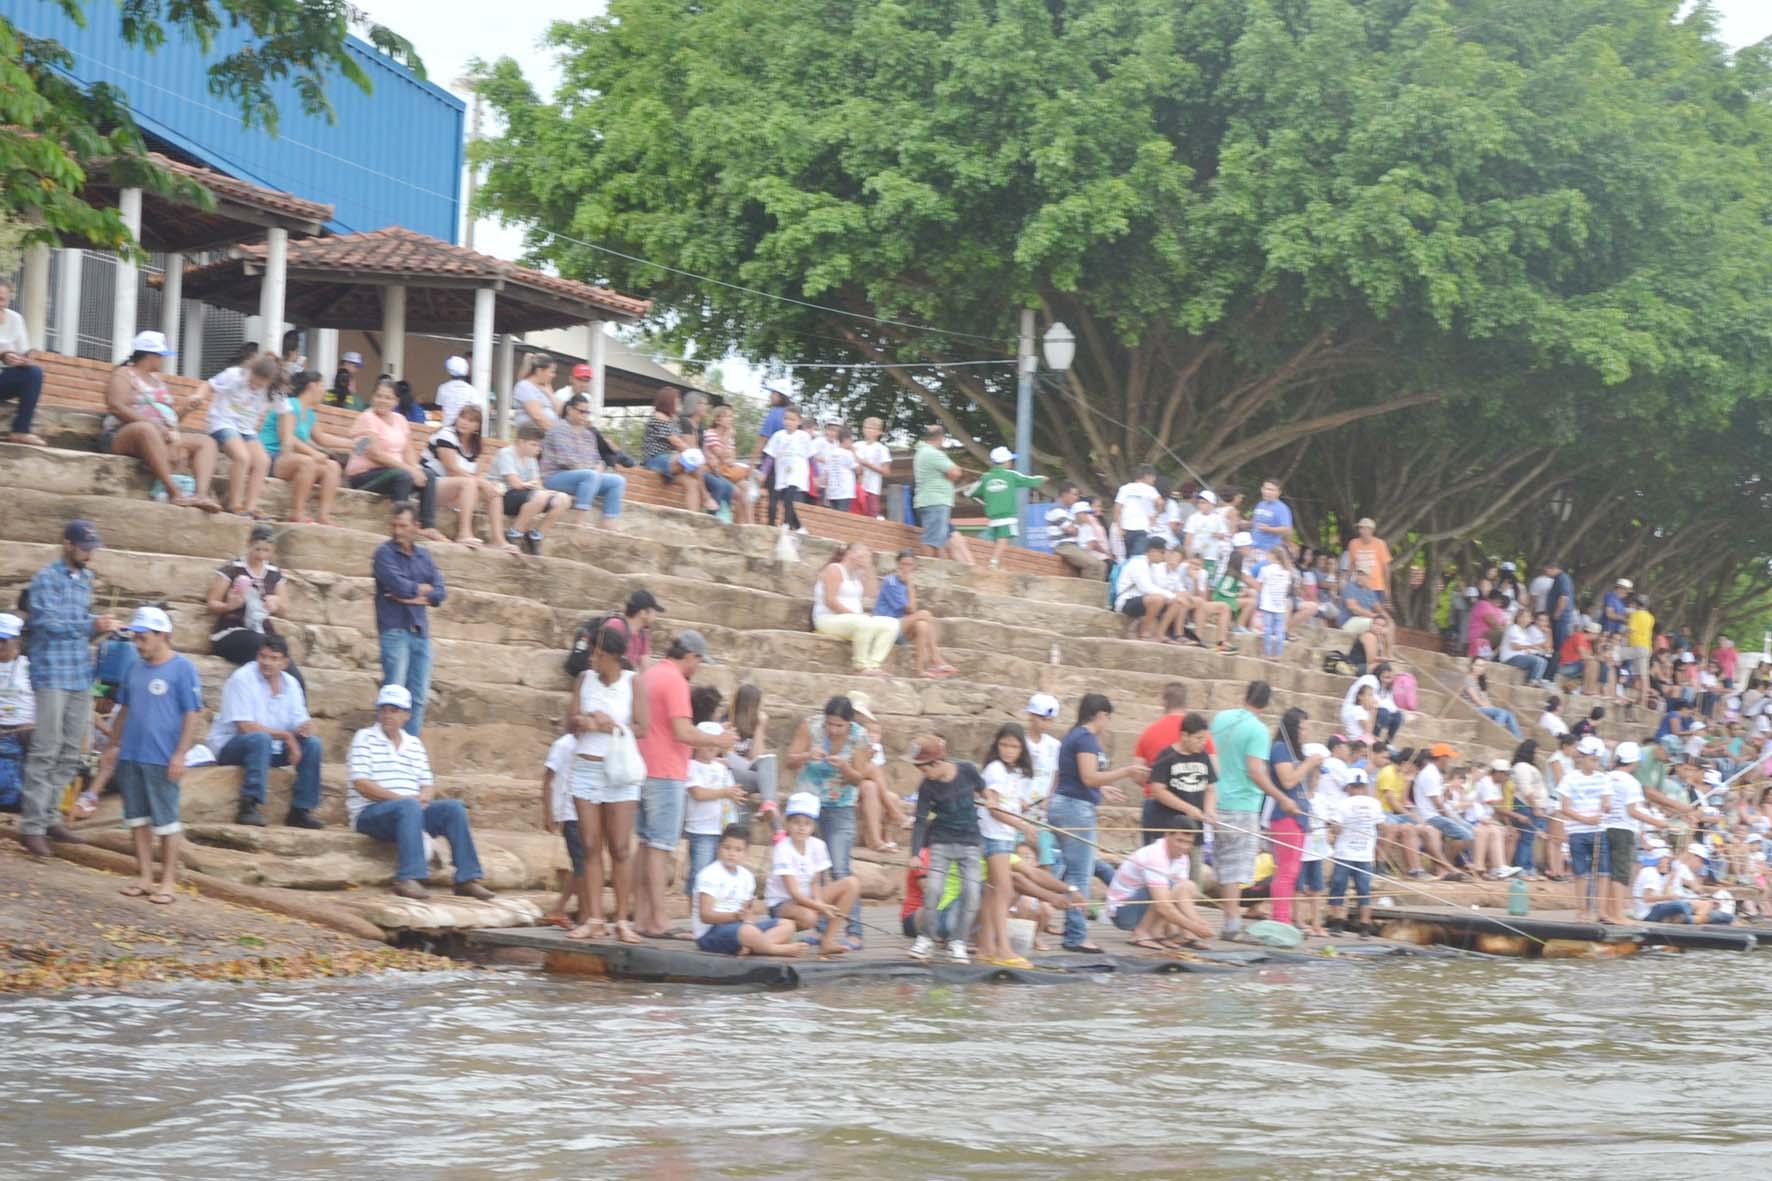 20° Encontro Ecológico Realizado no Balneário de Porto Figueira Foi um Sucesso